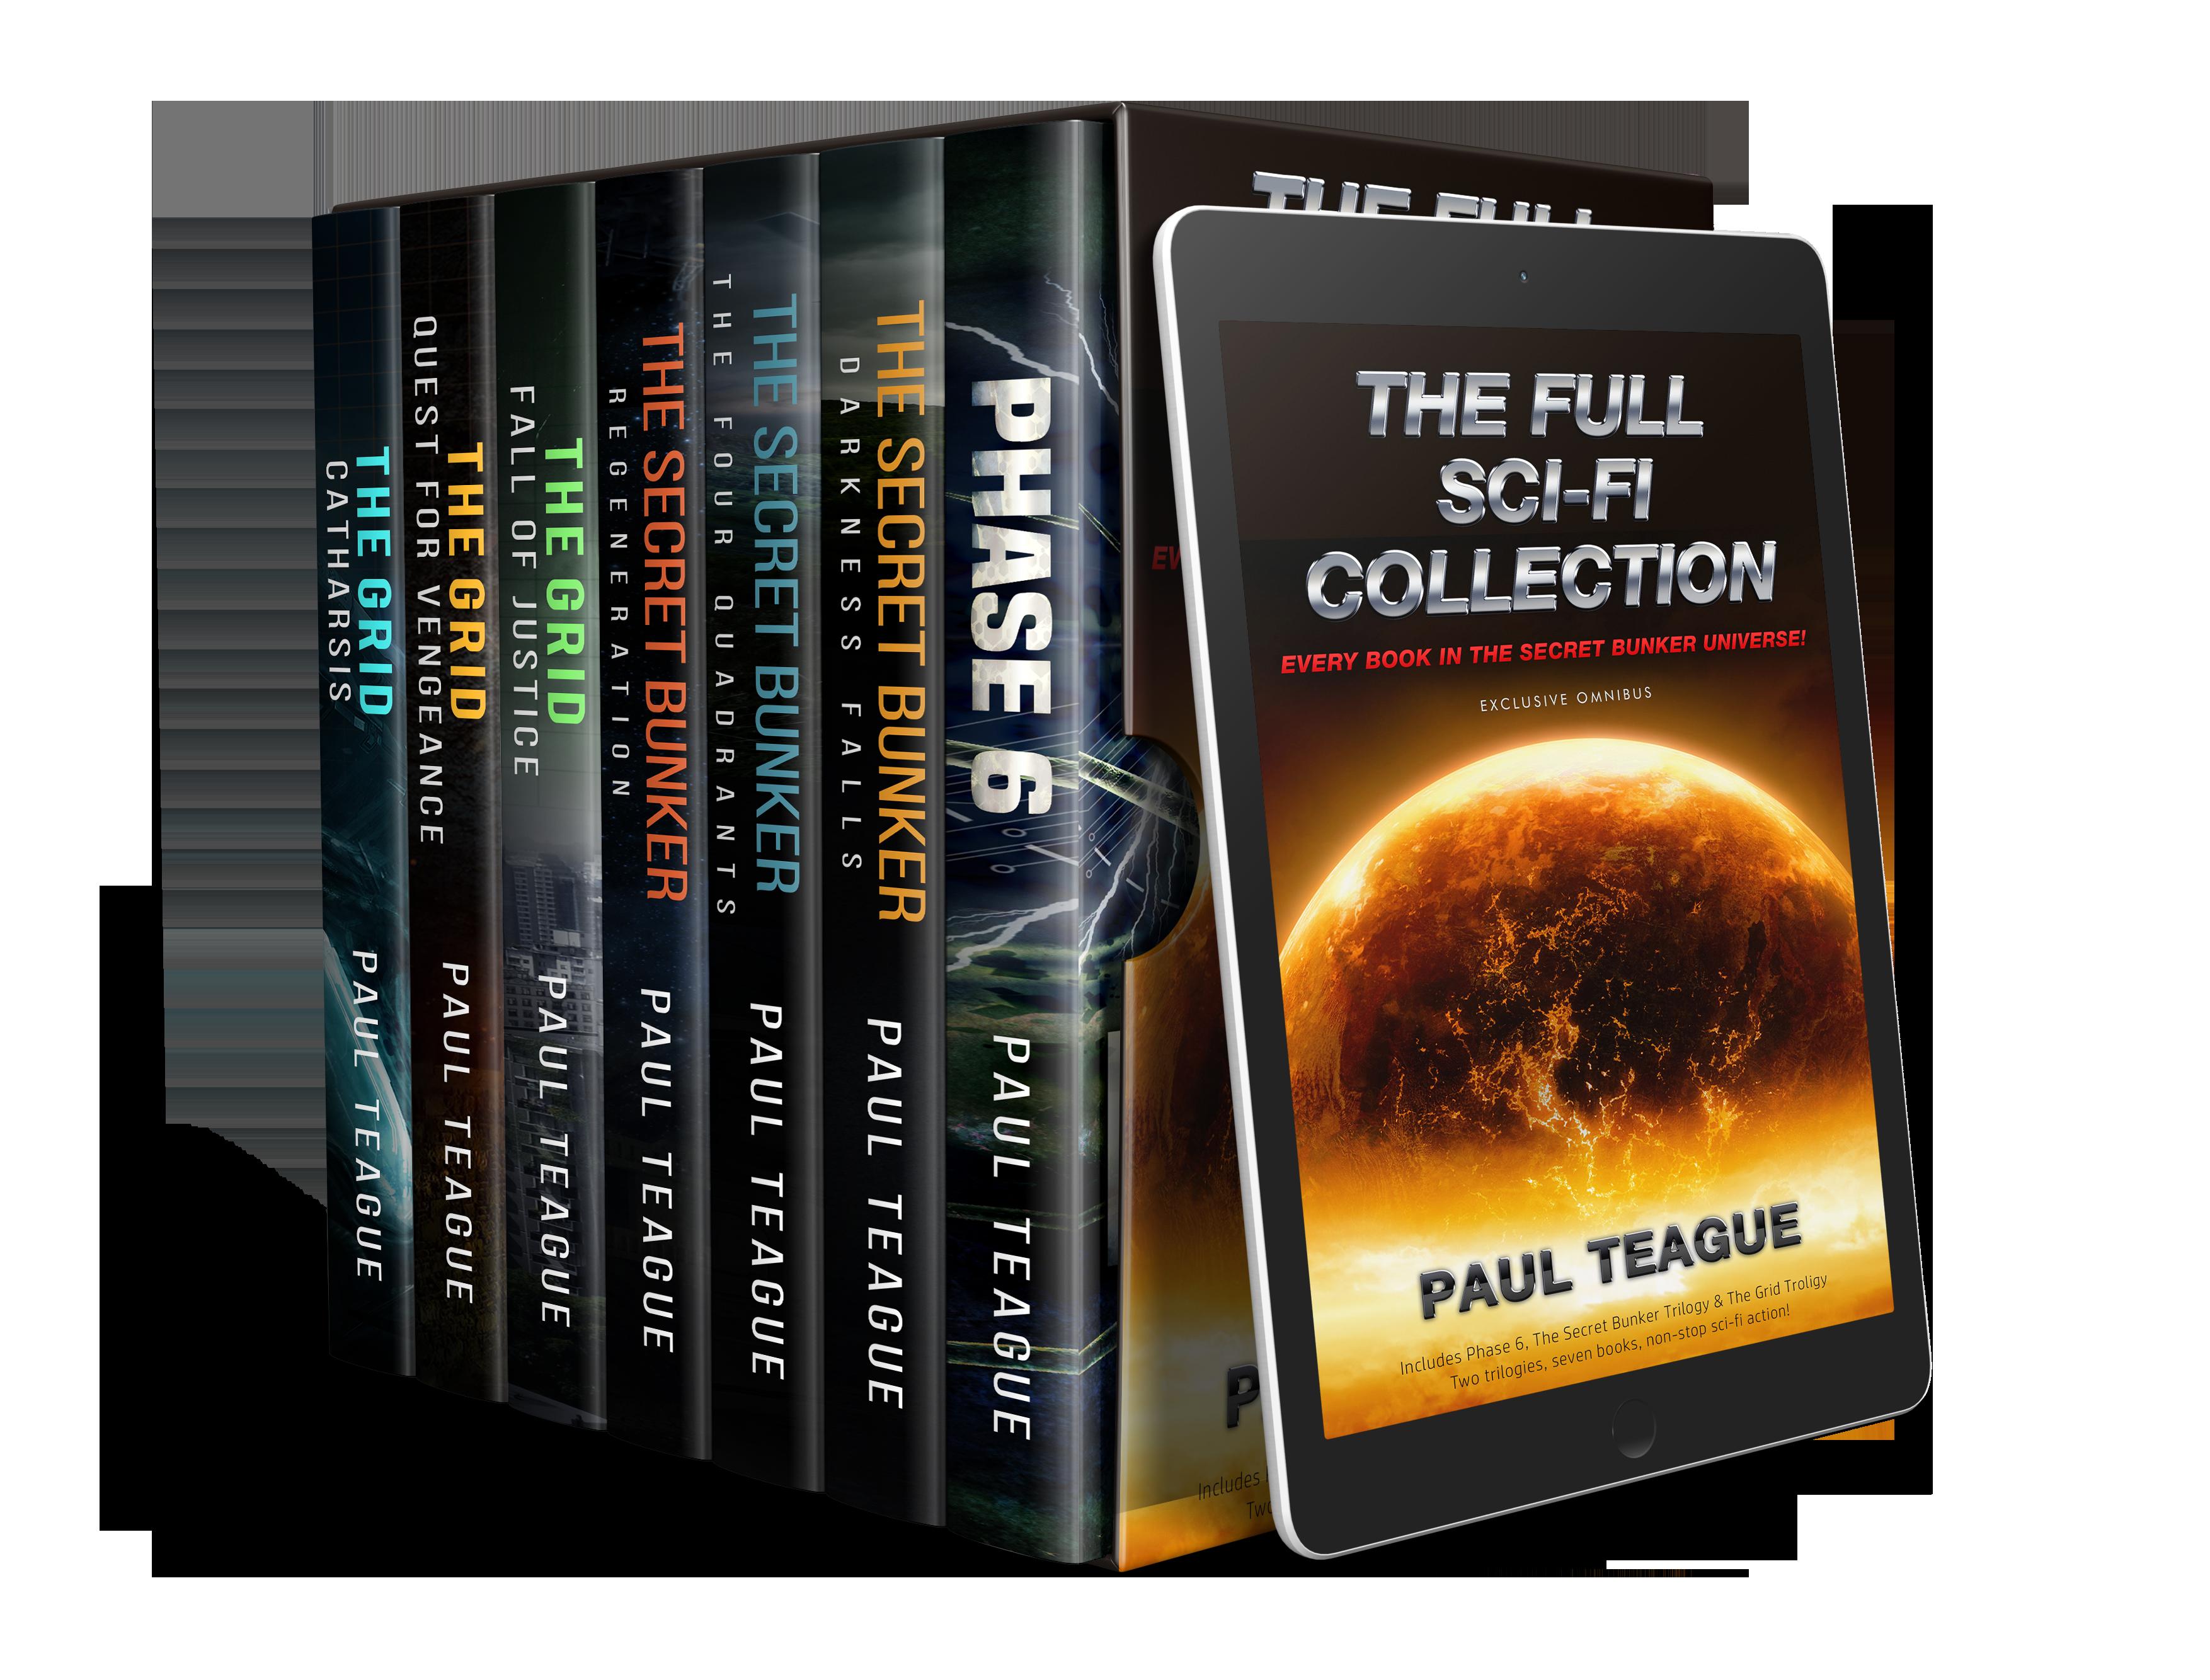 Paul Teague Sci-Fi Collection